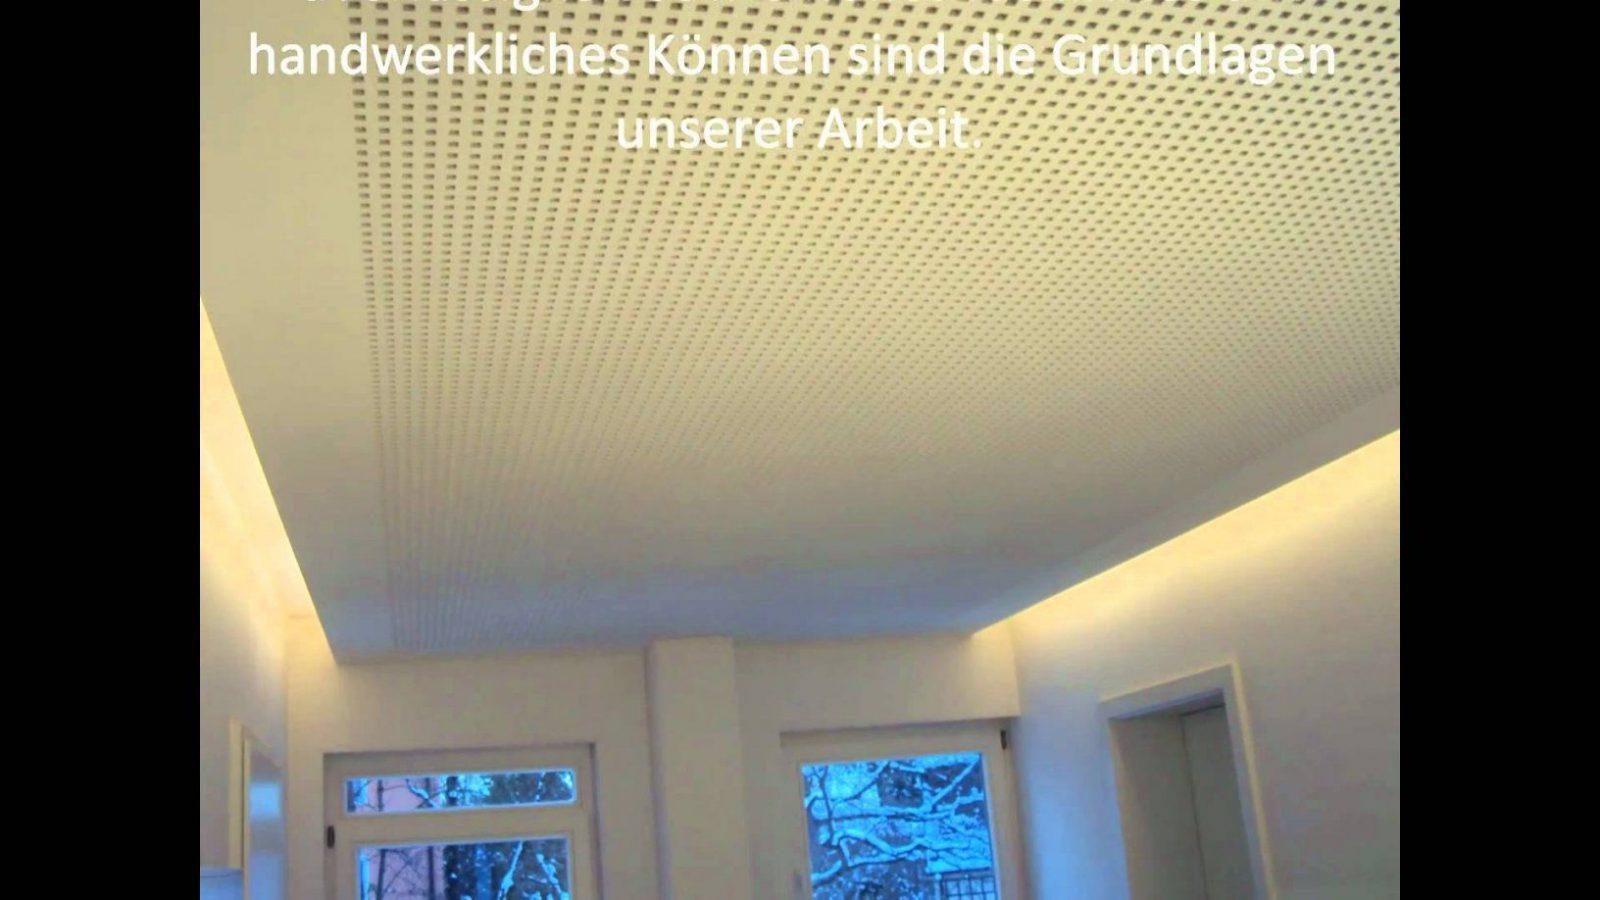 Trockenbau Indirekte Beleuchtung Anleitung Mit Trockenbau In München von Abgehängte Decke Indirekte Beleuchtung Anleitung Bild